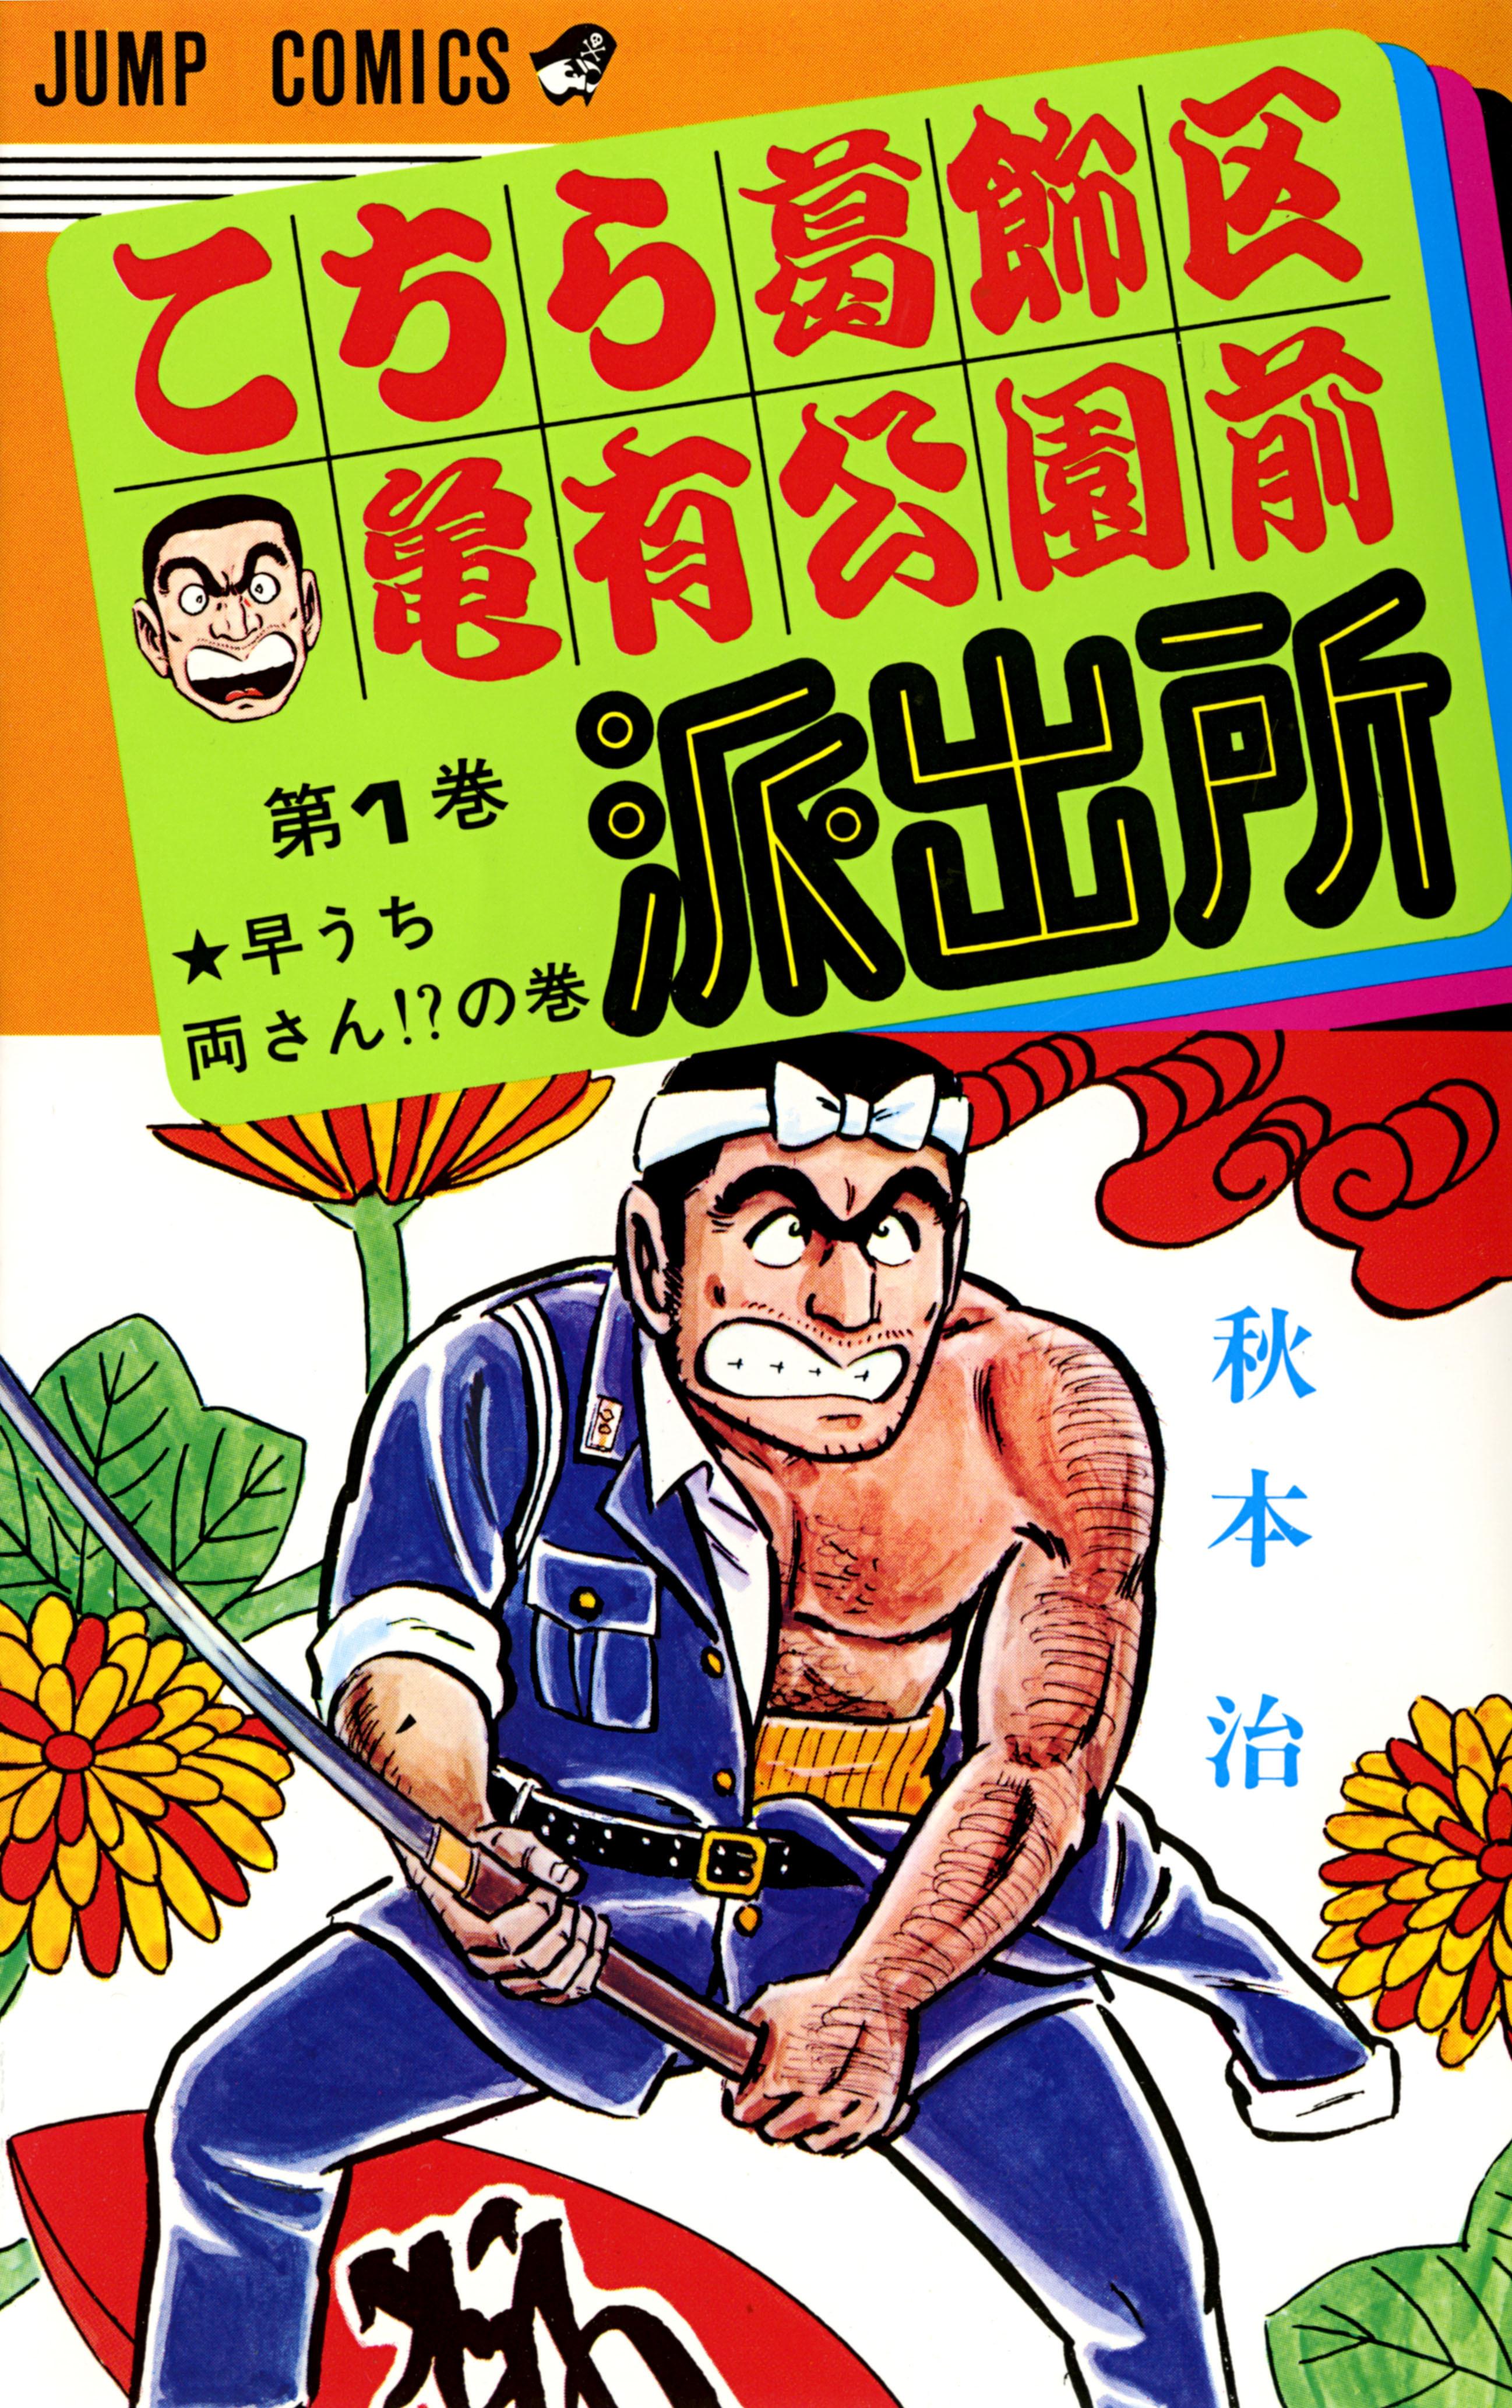 1巻表紙 (C)秋本 治・アトリエびーだま/集英社